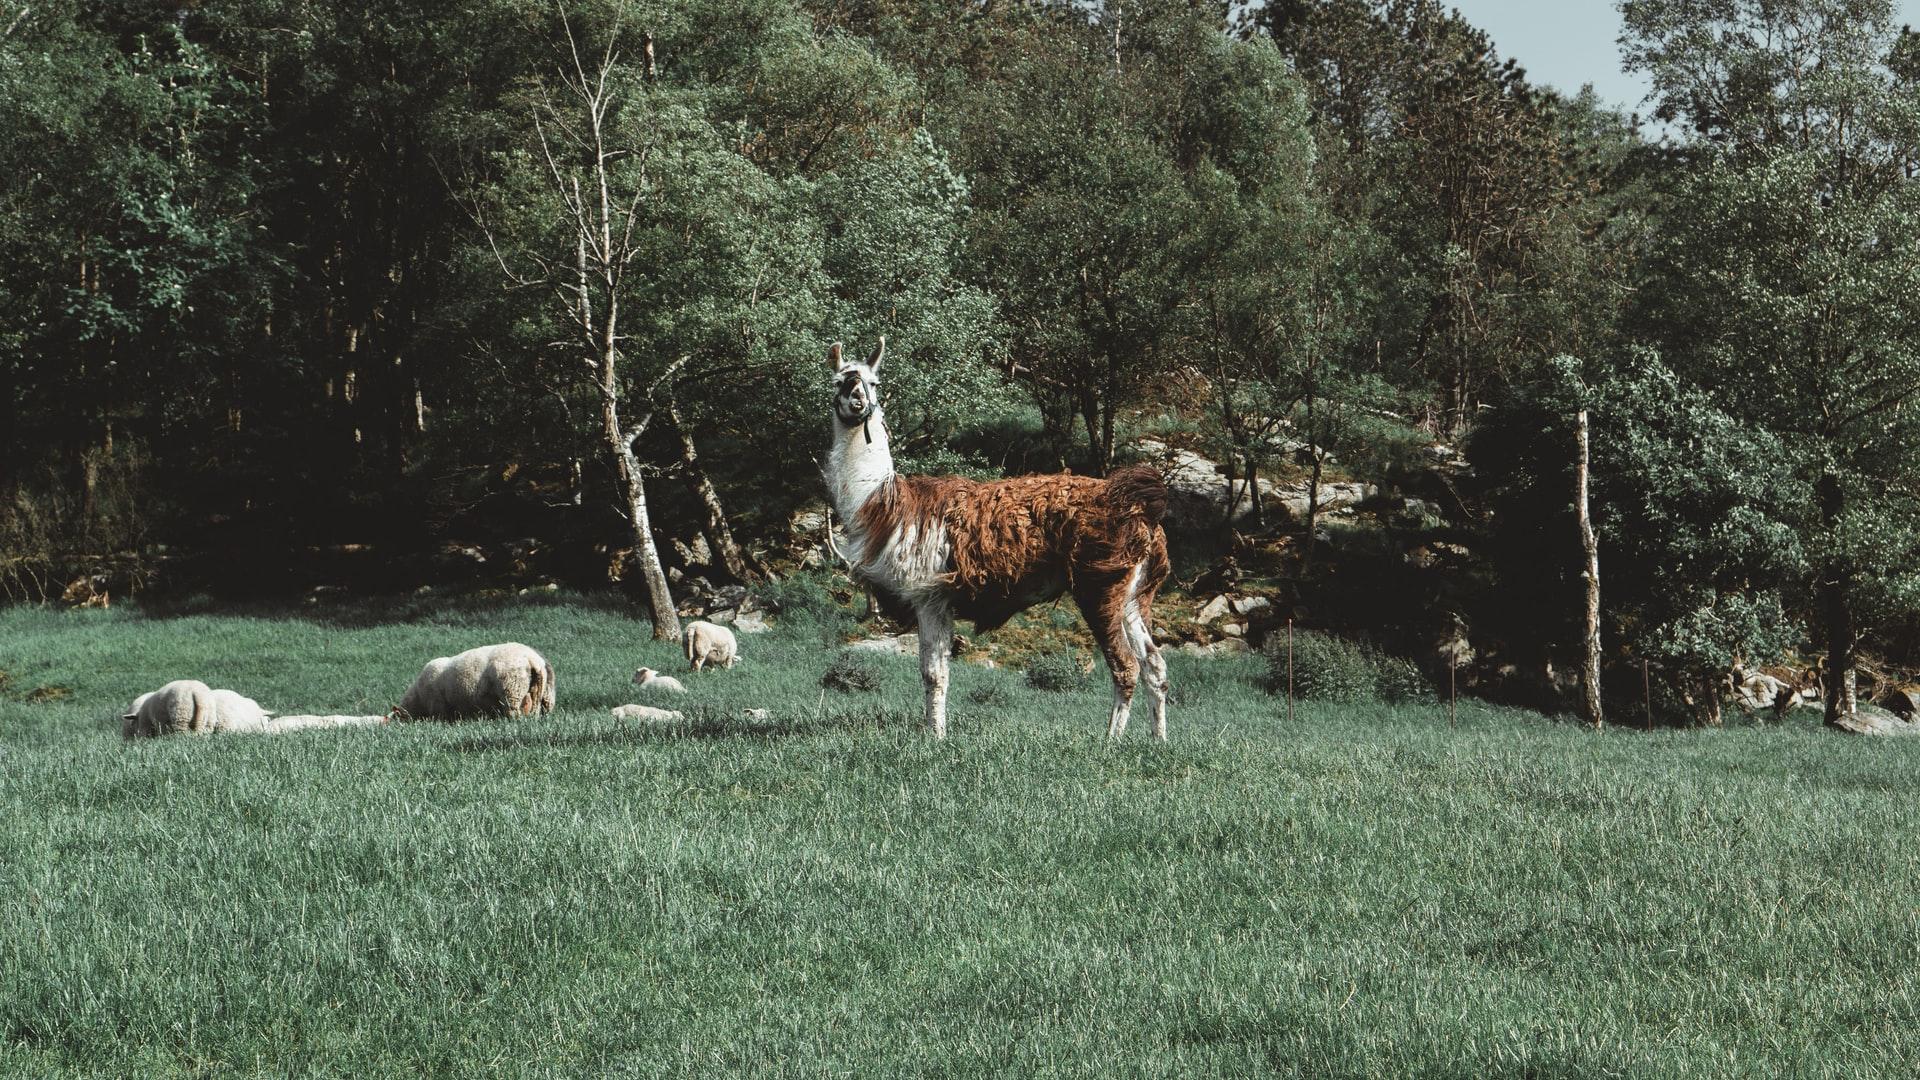 Ein Lama auf der Wiese dass sich keine sorgen um #bloggerlive macht